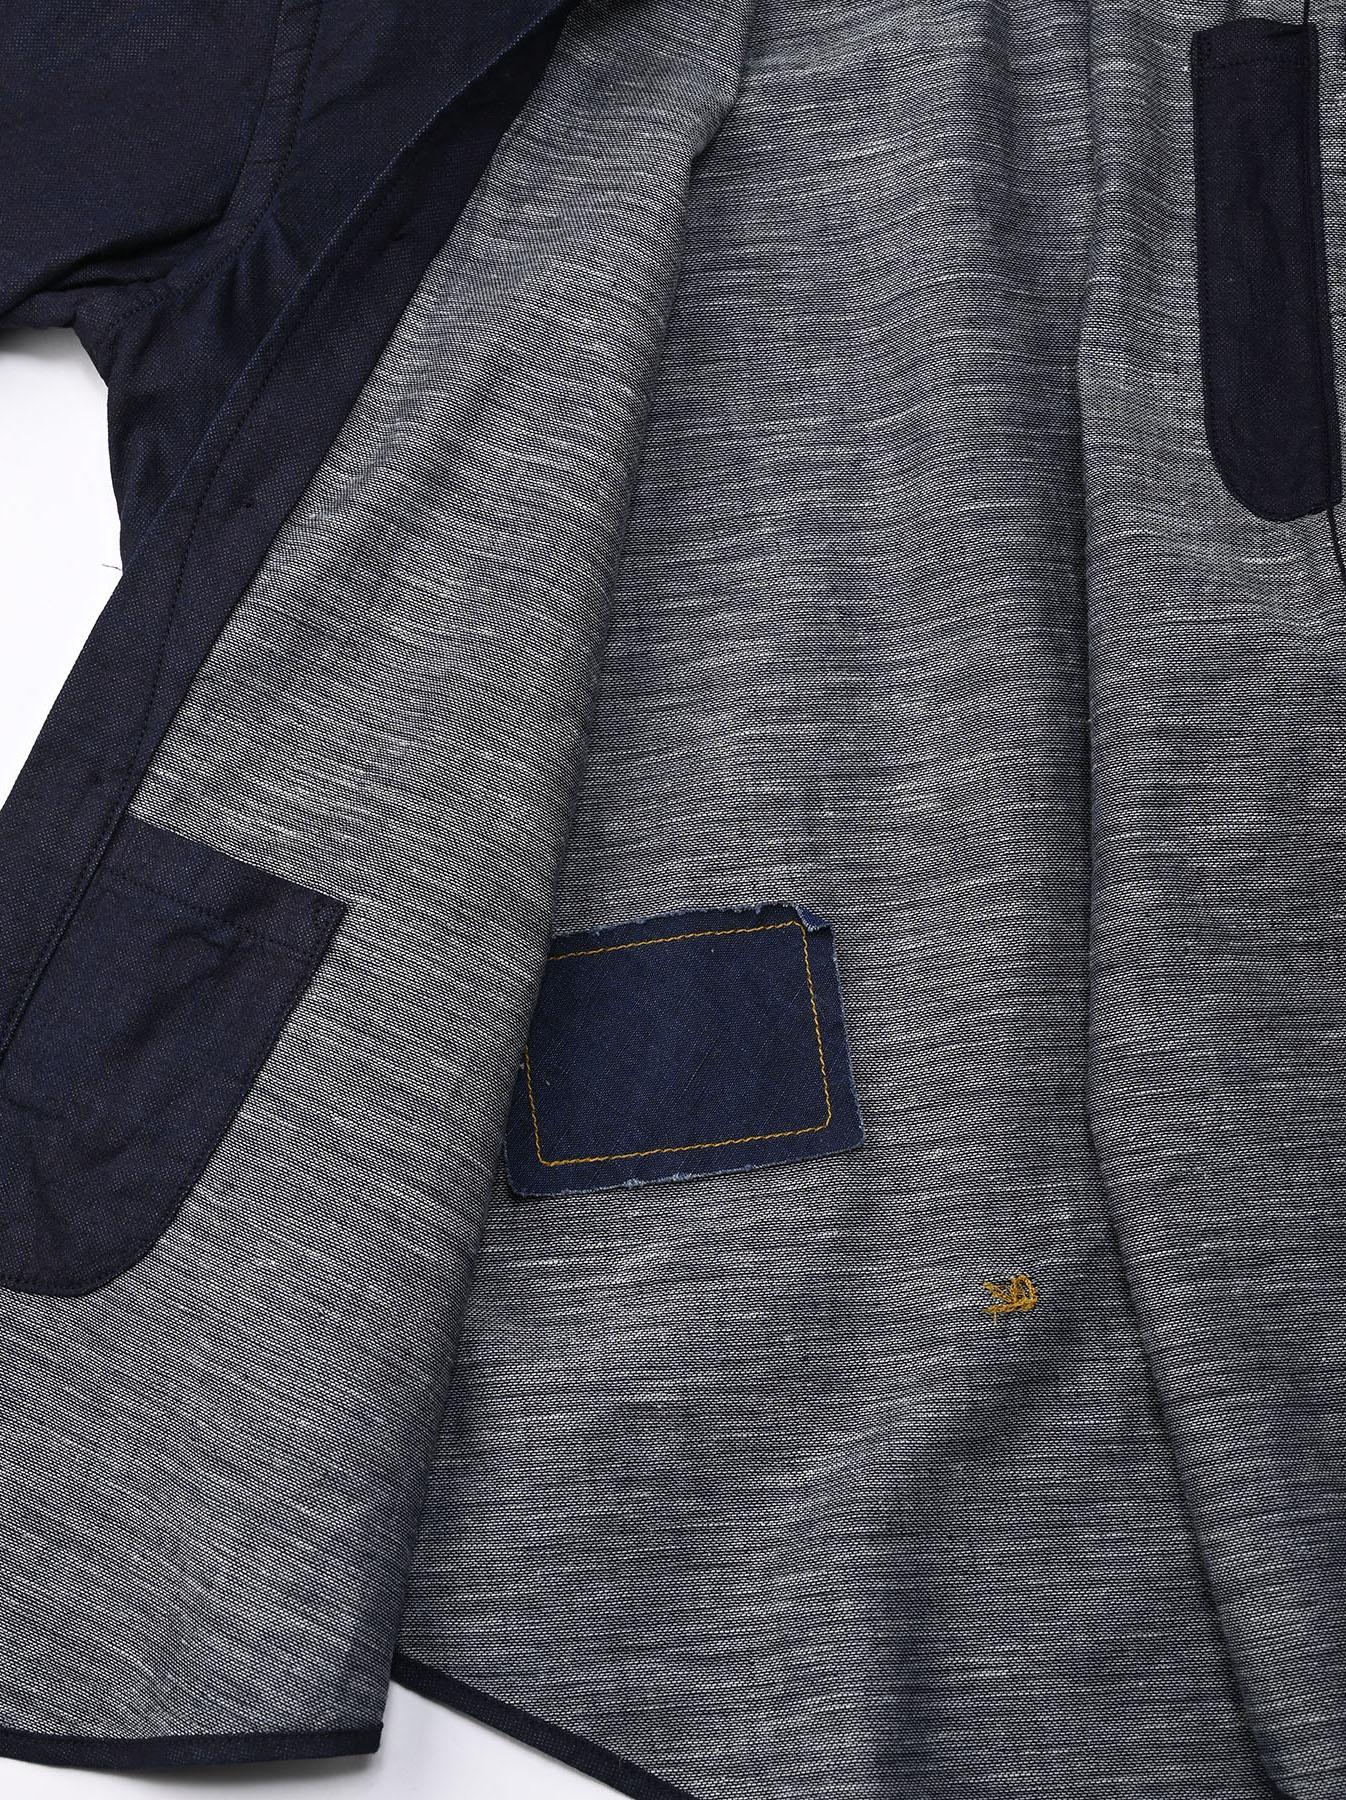 Indigo Double Woven 908 Loafer Shirt (0421)-11